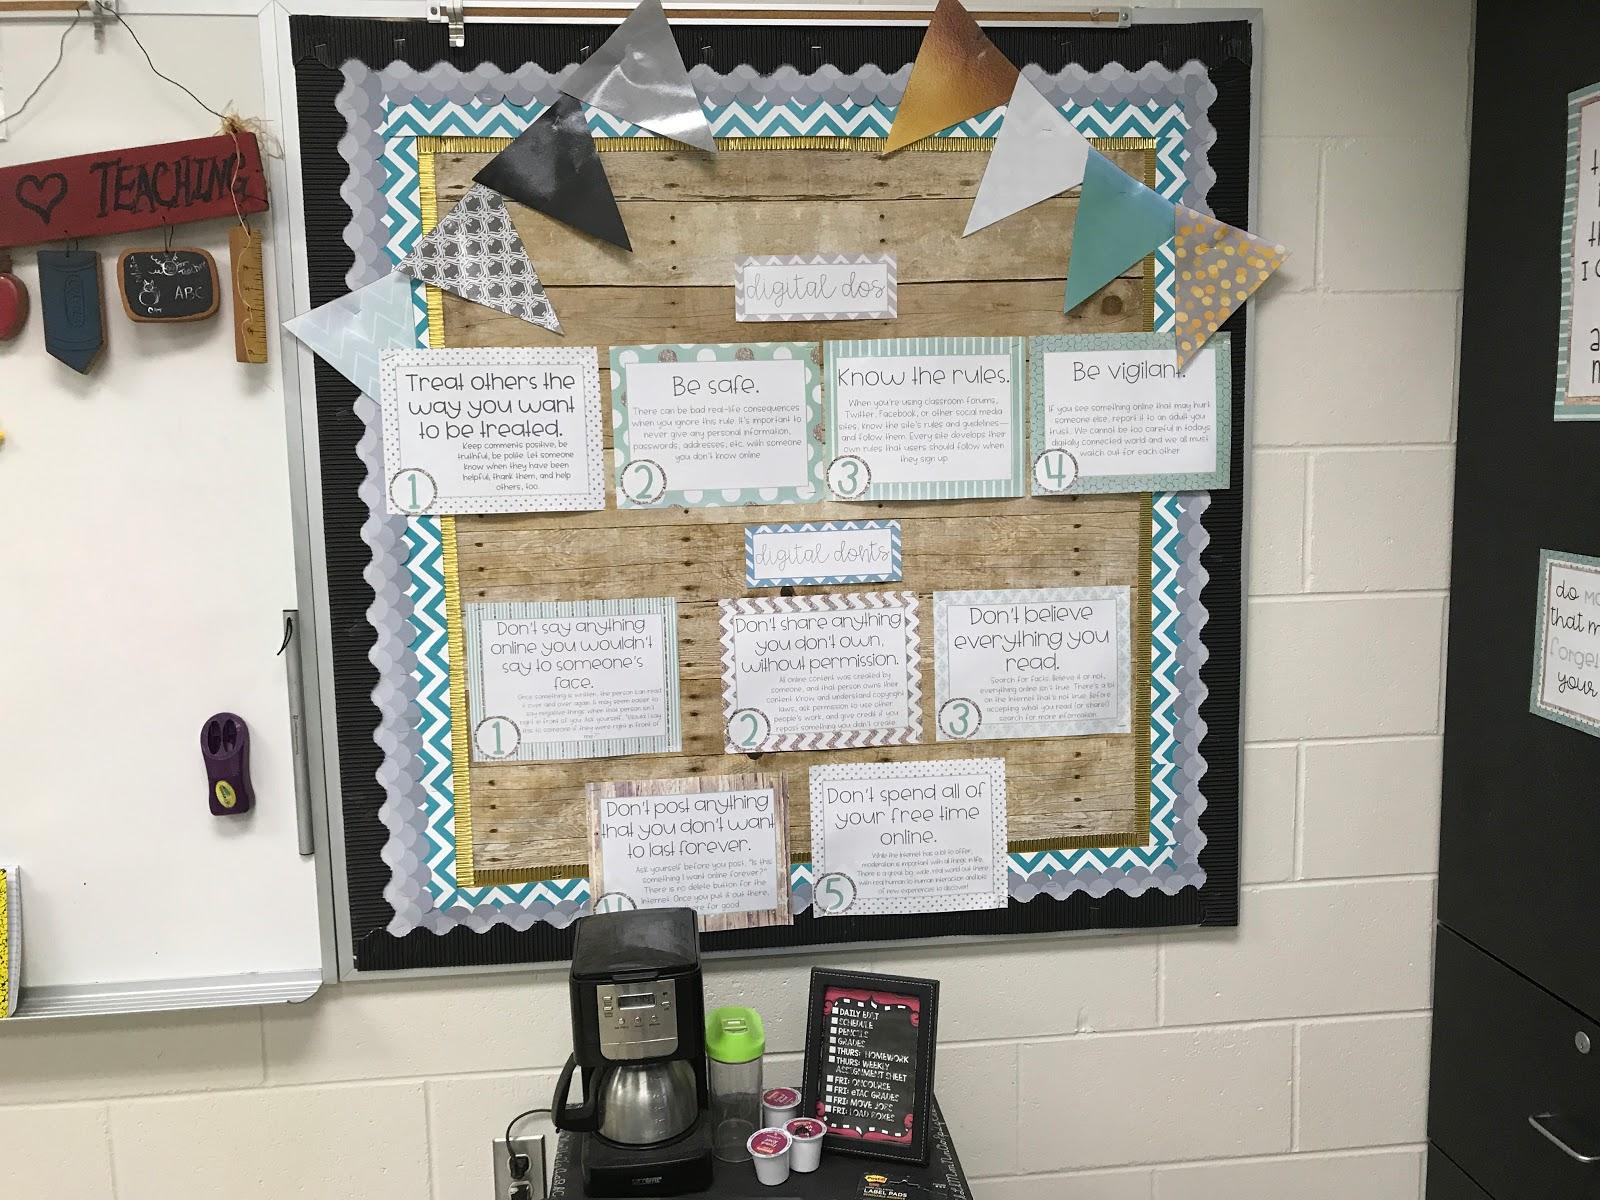 Classroom Reveal 2017-2018 - Tech and Teachability